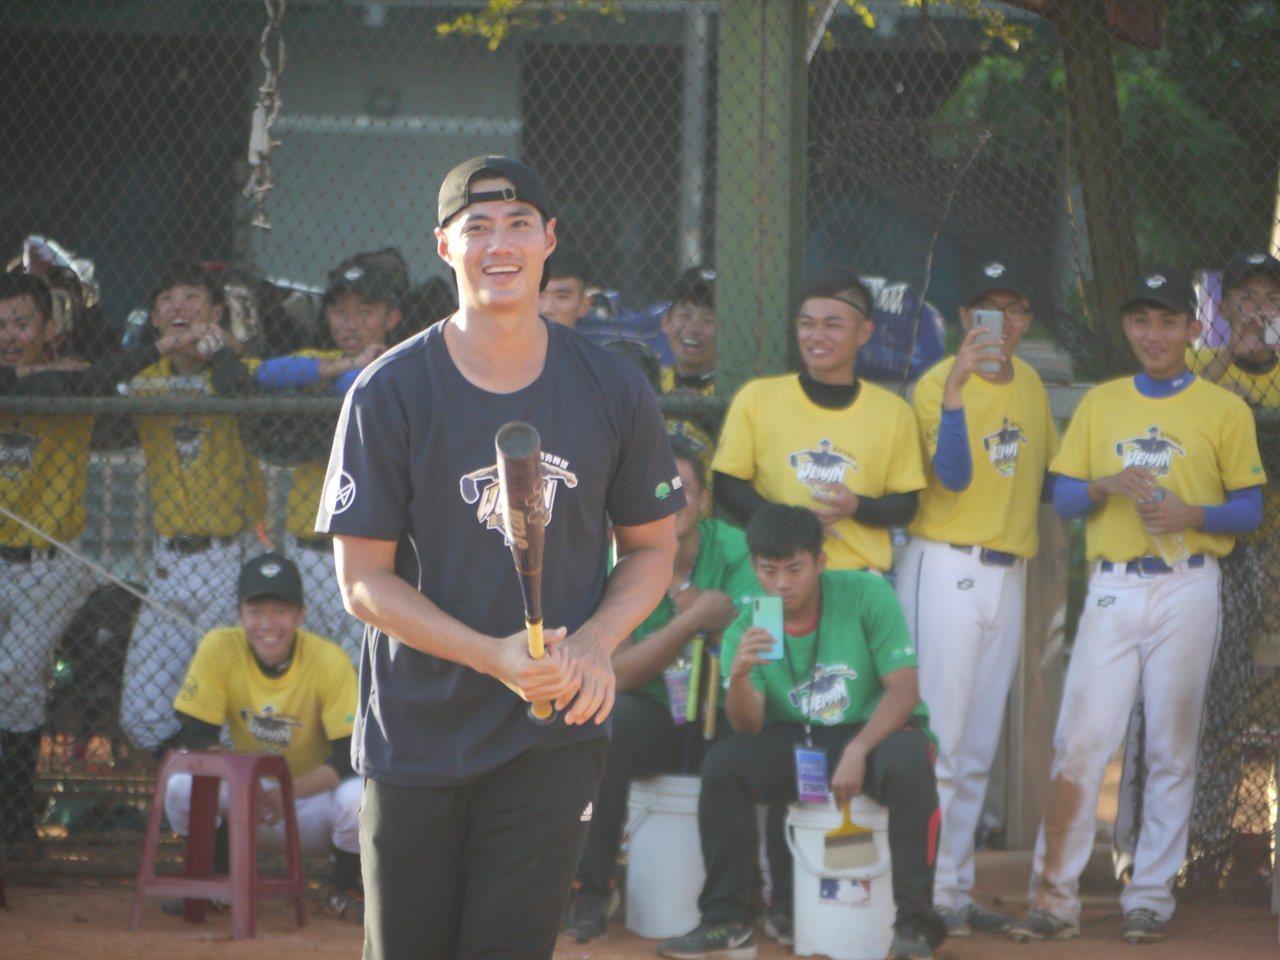 陳偉殷棒球訓練營8日到基隆,指導三級棒球隊伍機會難得。圖/報系資料照